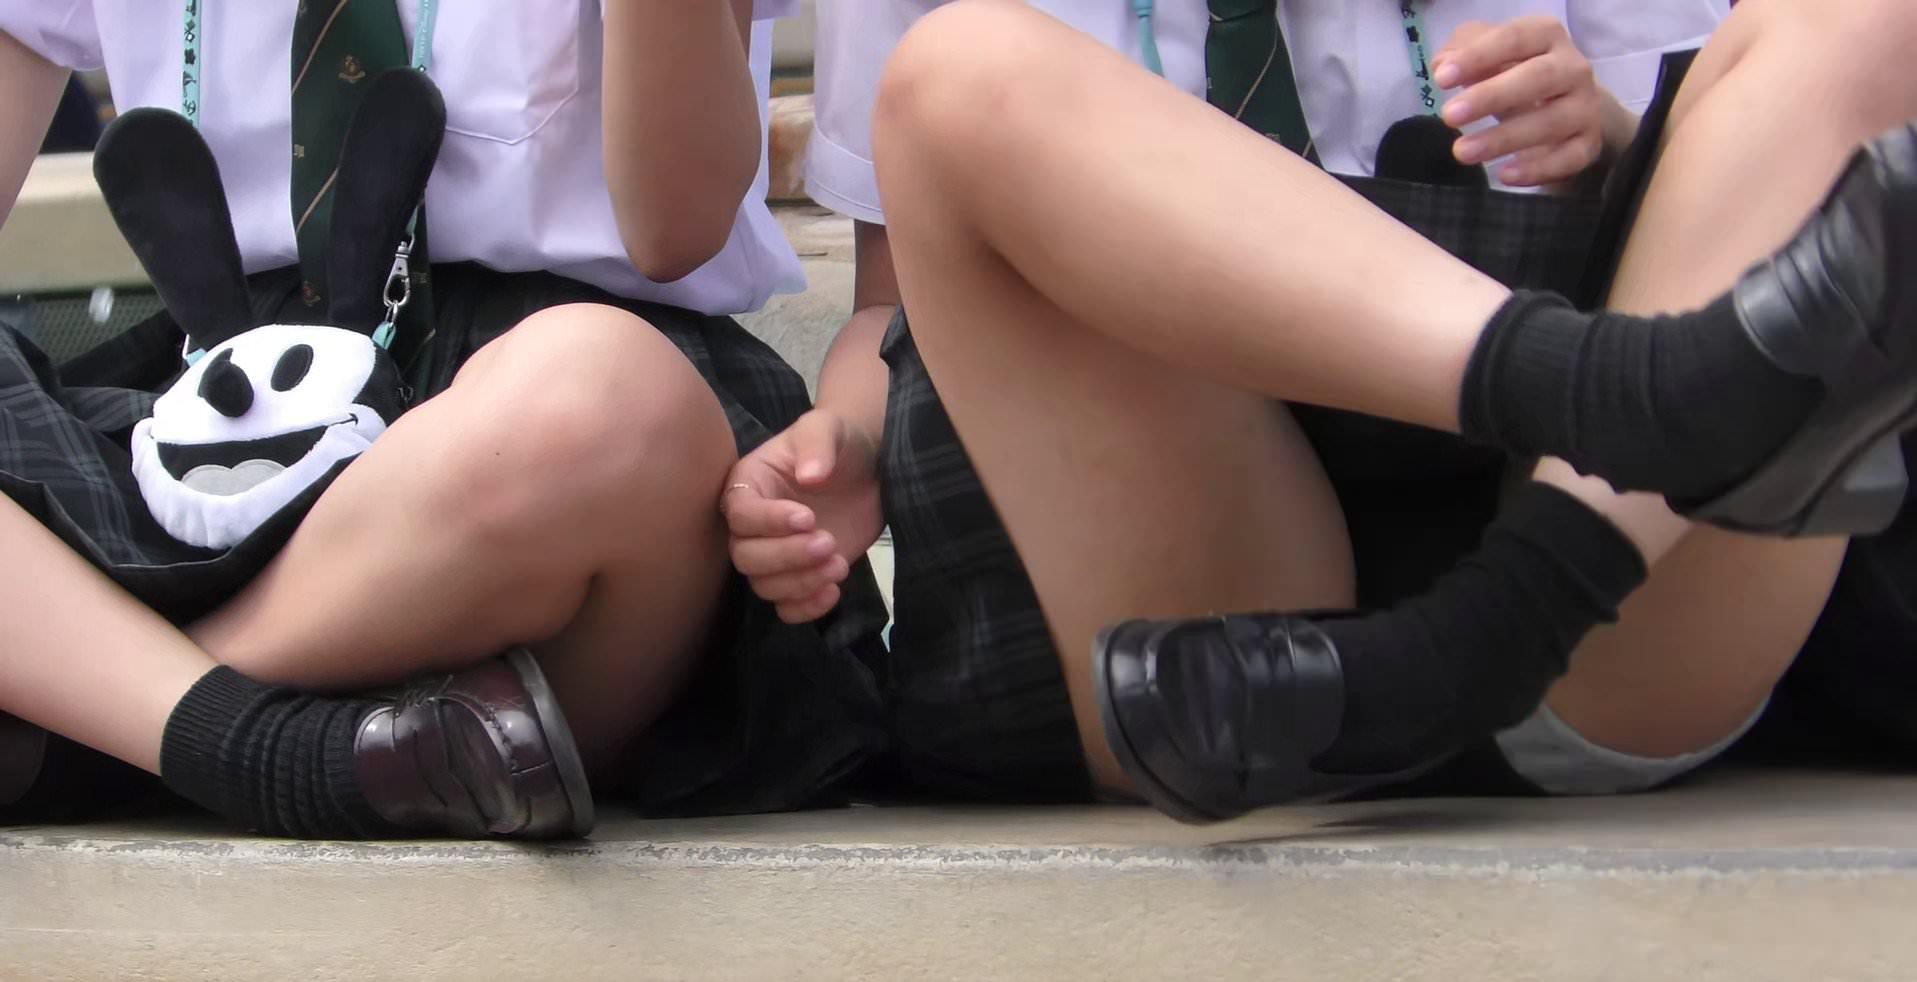 子供から大人になりかけの無防備なJK画像wwwwwwww Ti3cMQy